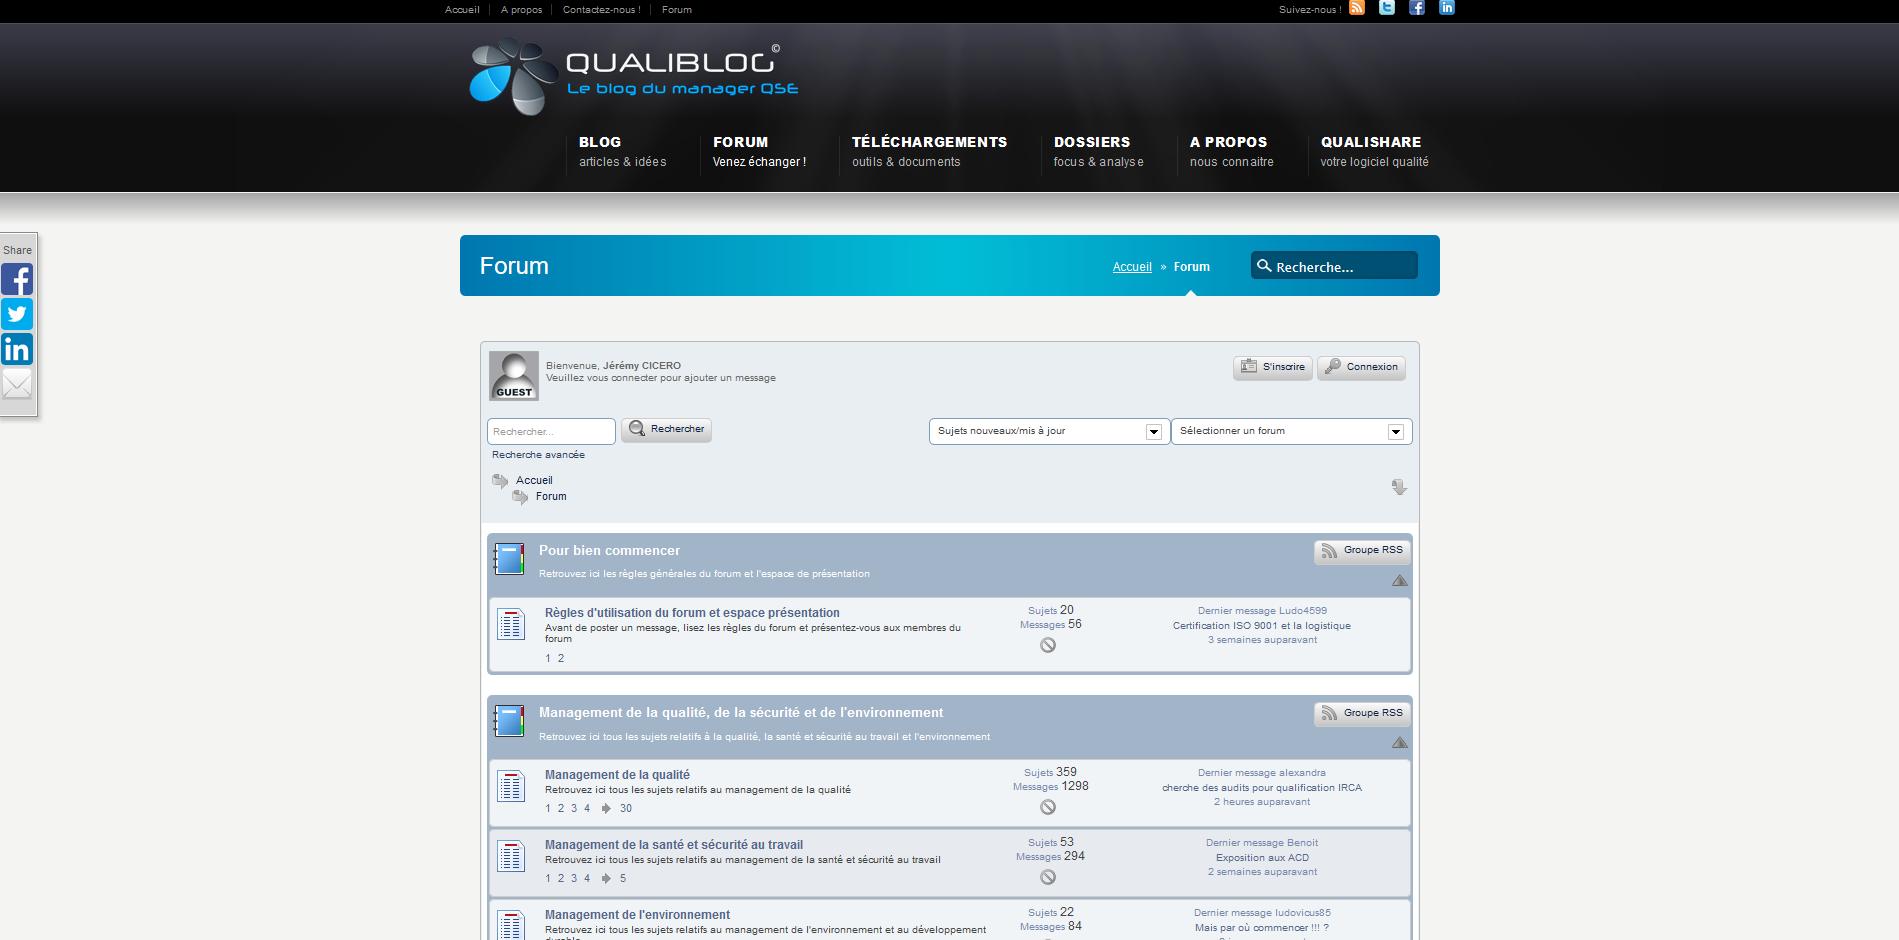 qualiblog